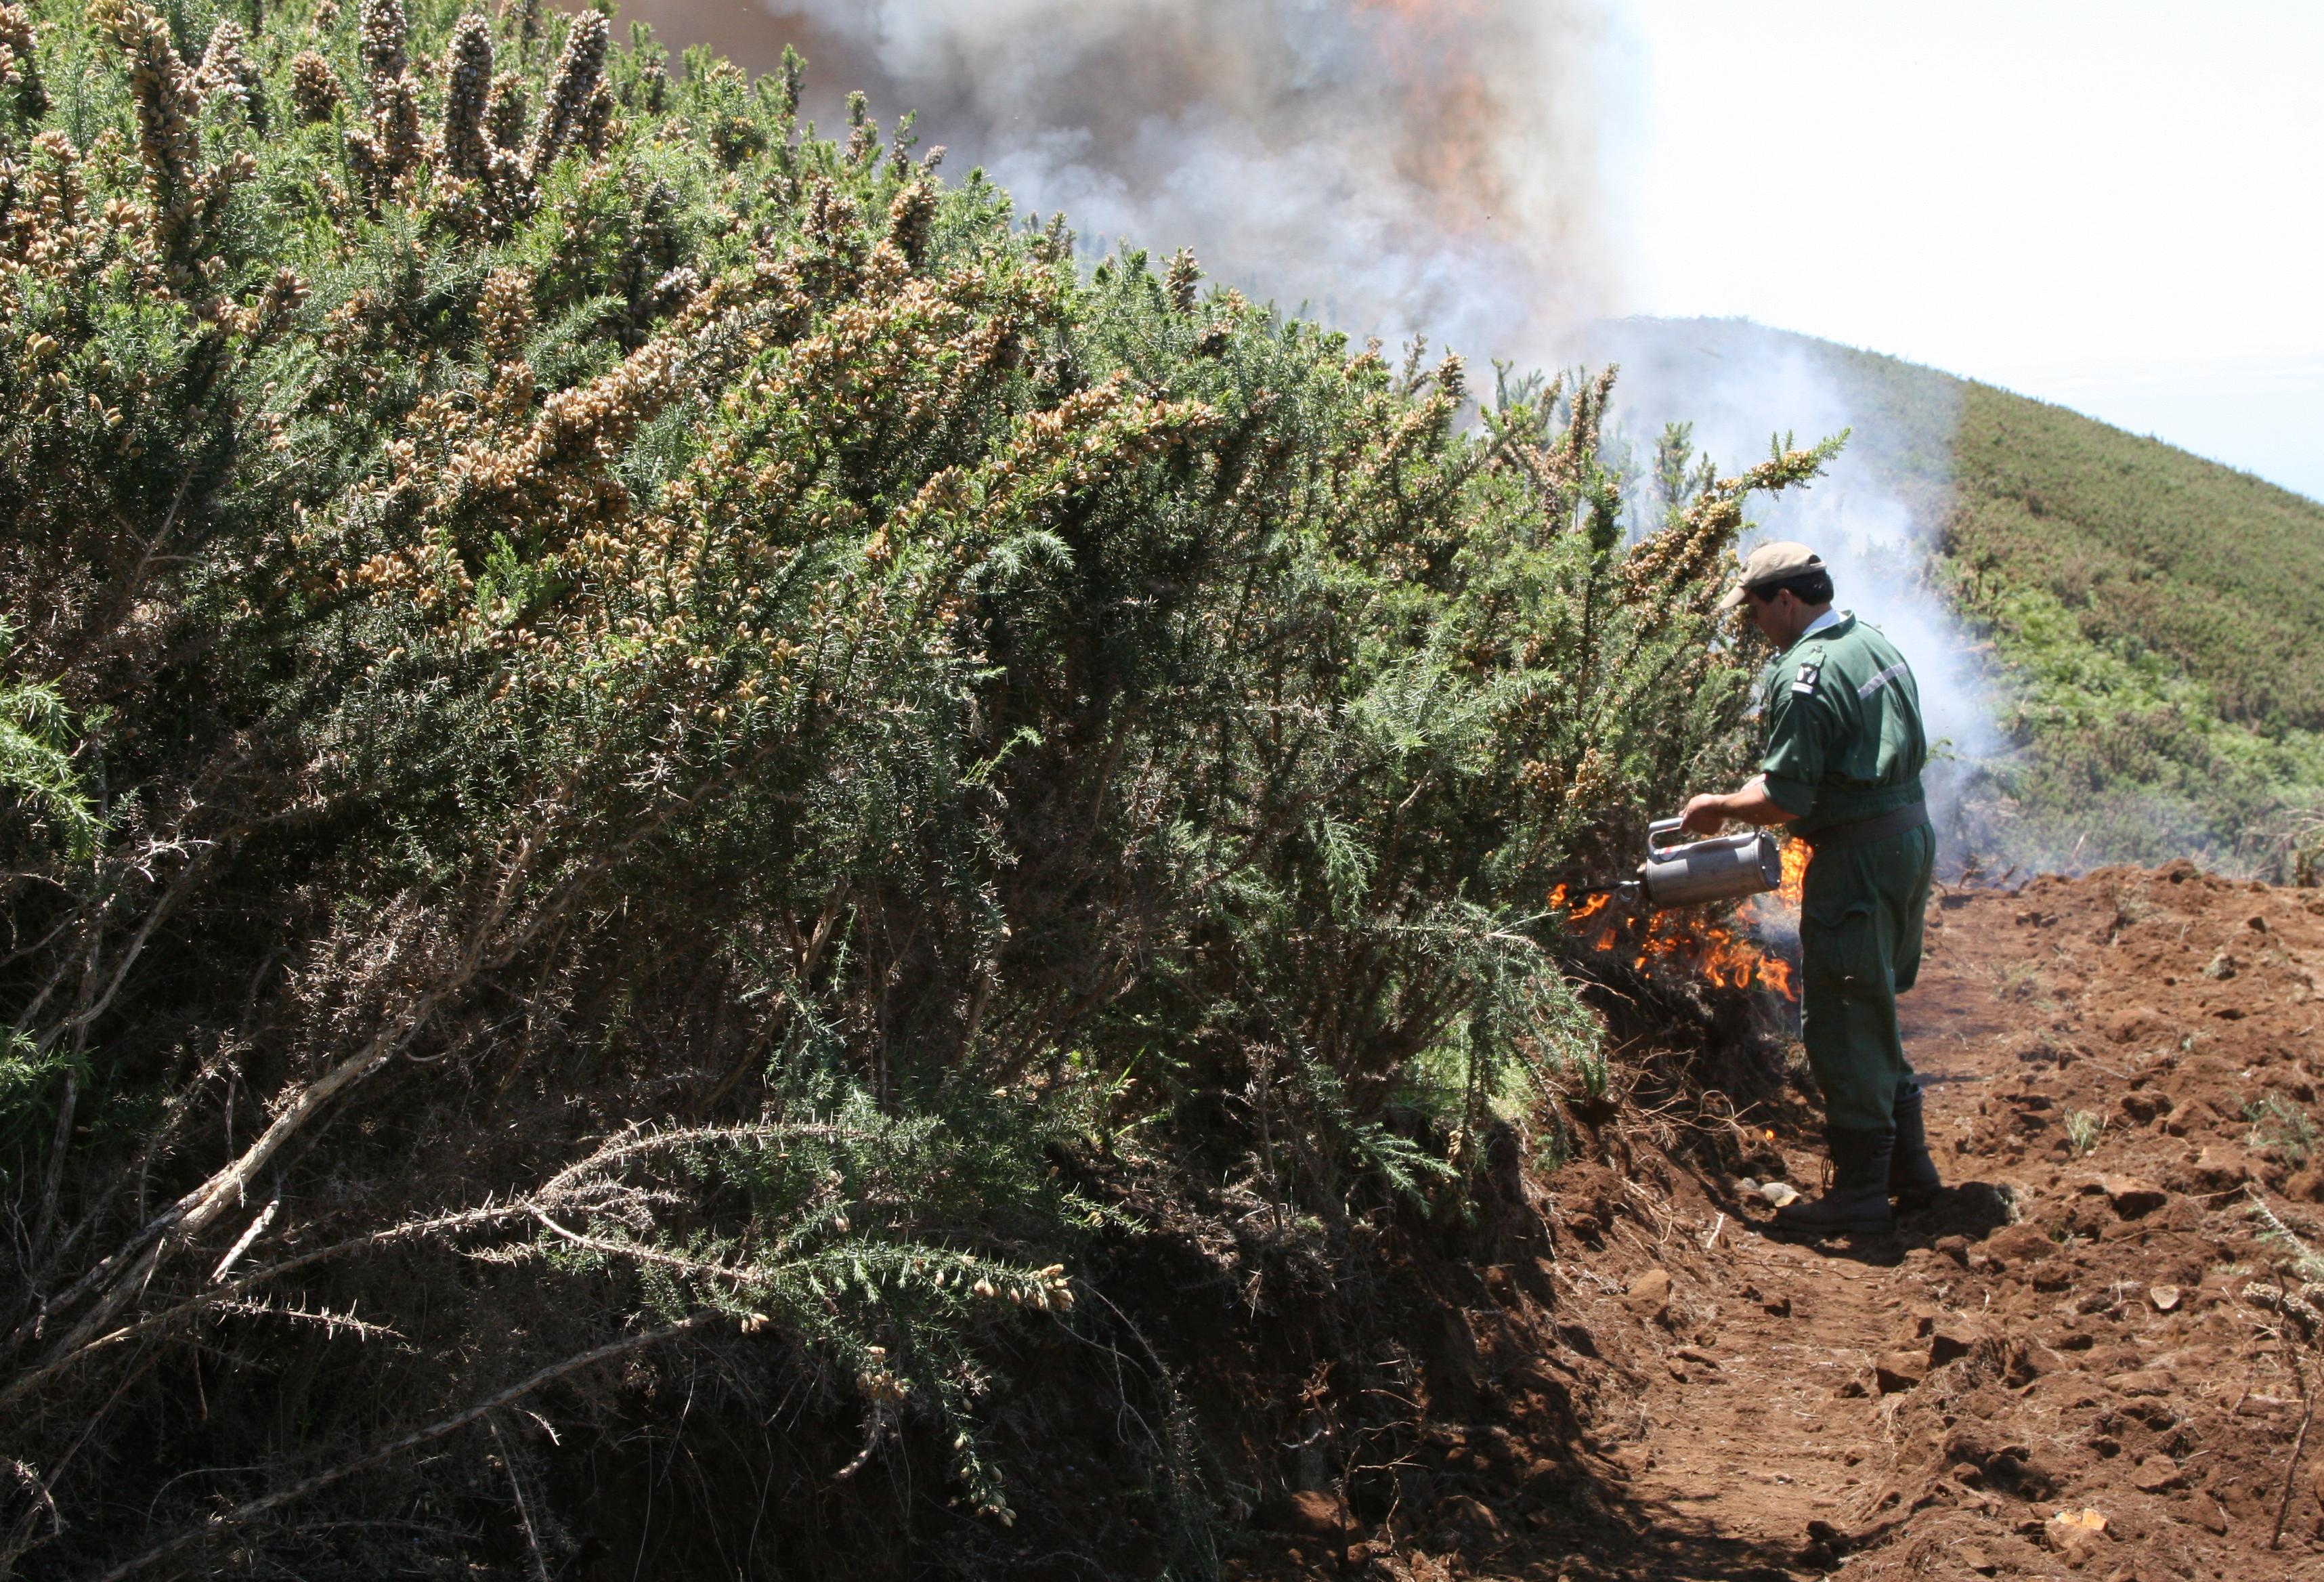 Ambiente promove queimadas controladas para diminuir risco de incêndios florestais